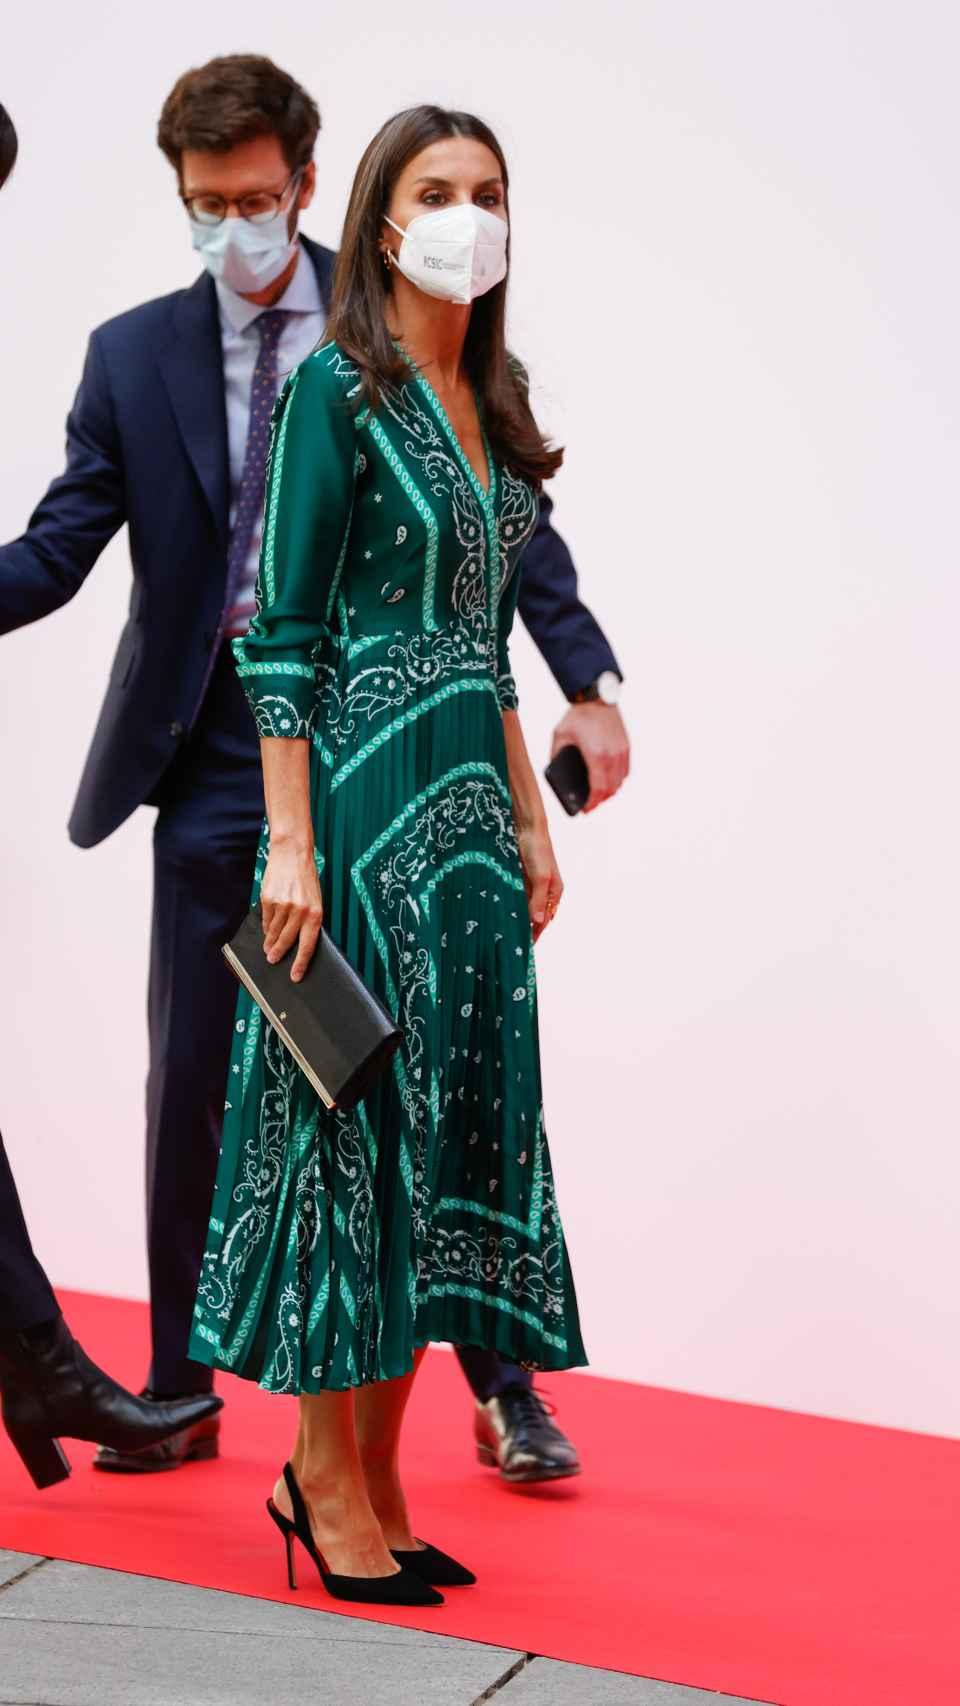 El 'outfit' que ha escogido la Reina para su acto de este martes.